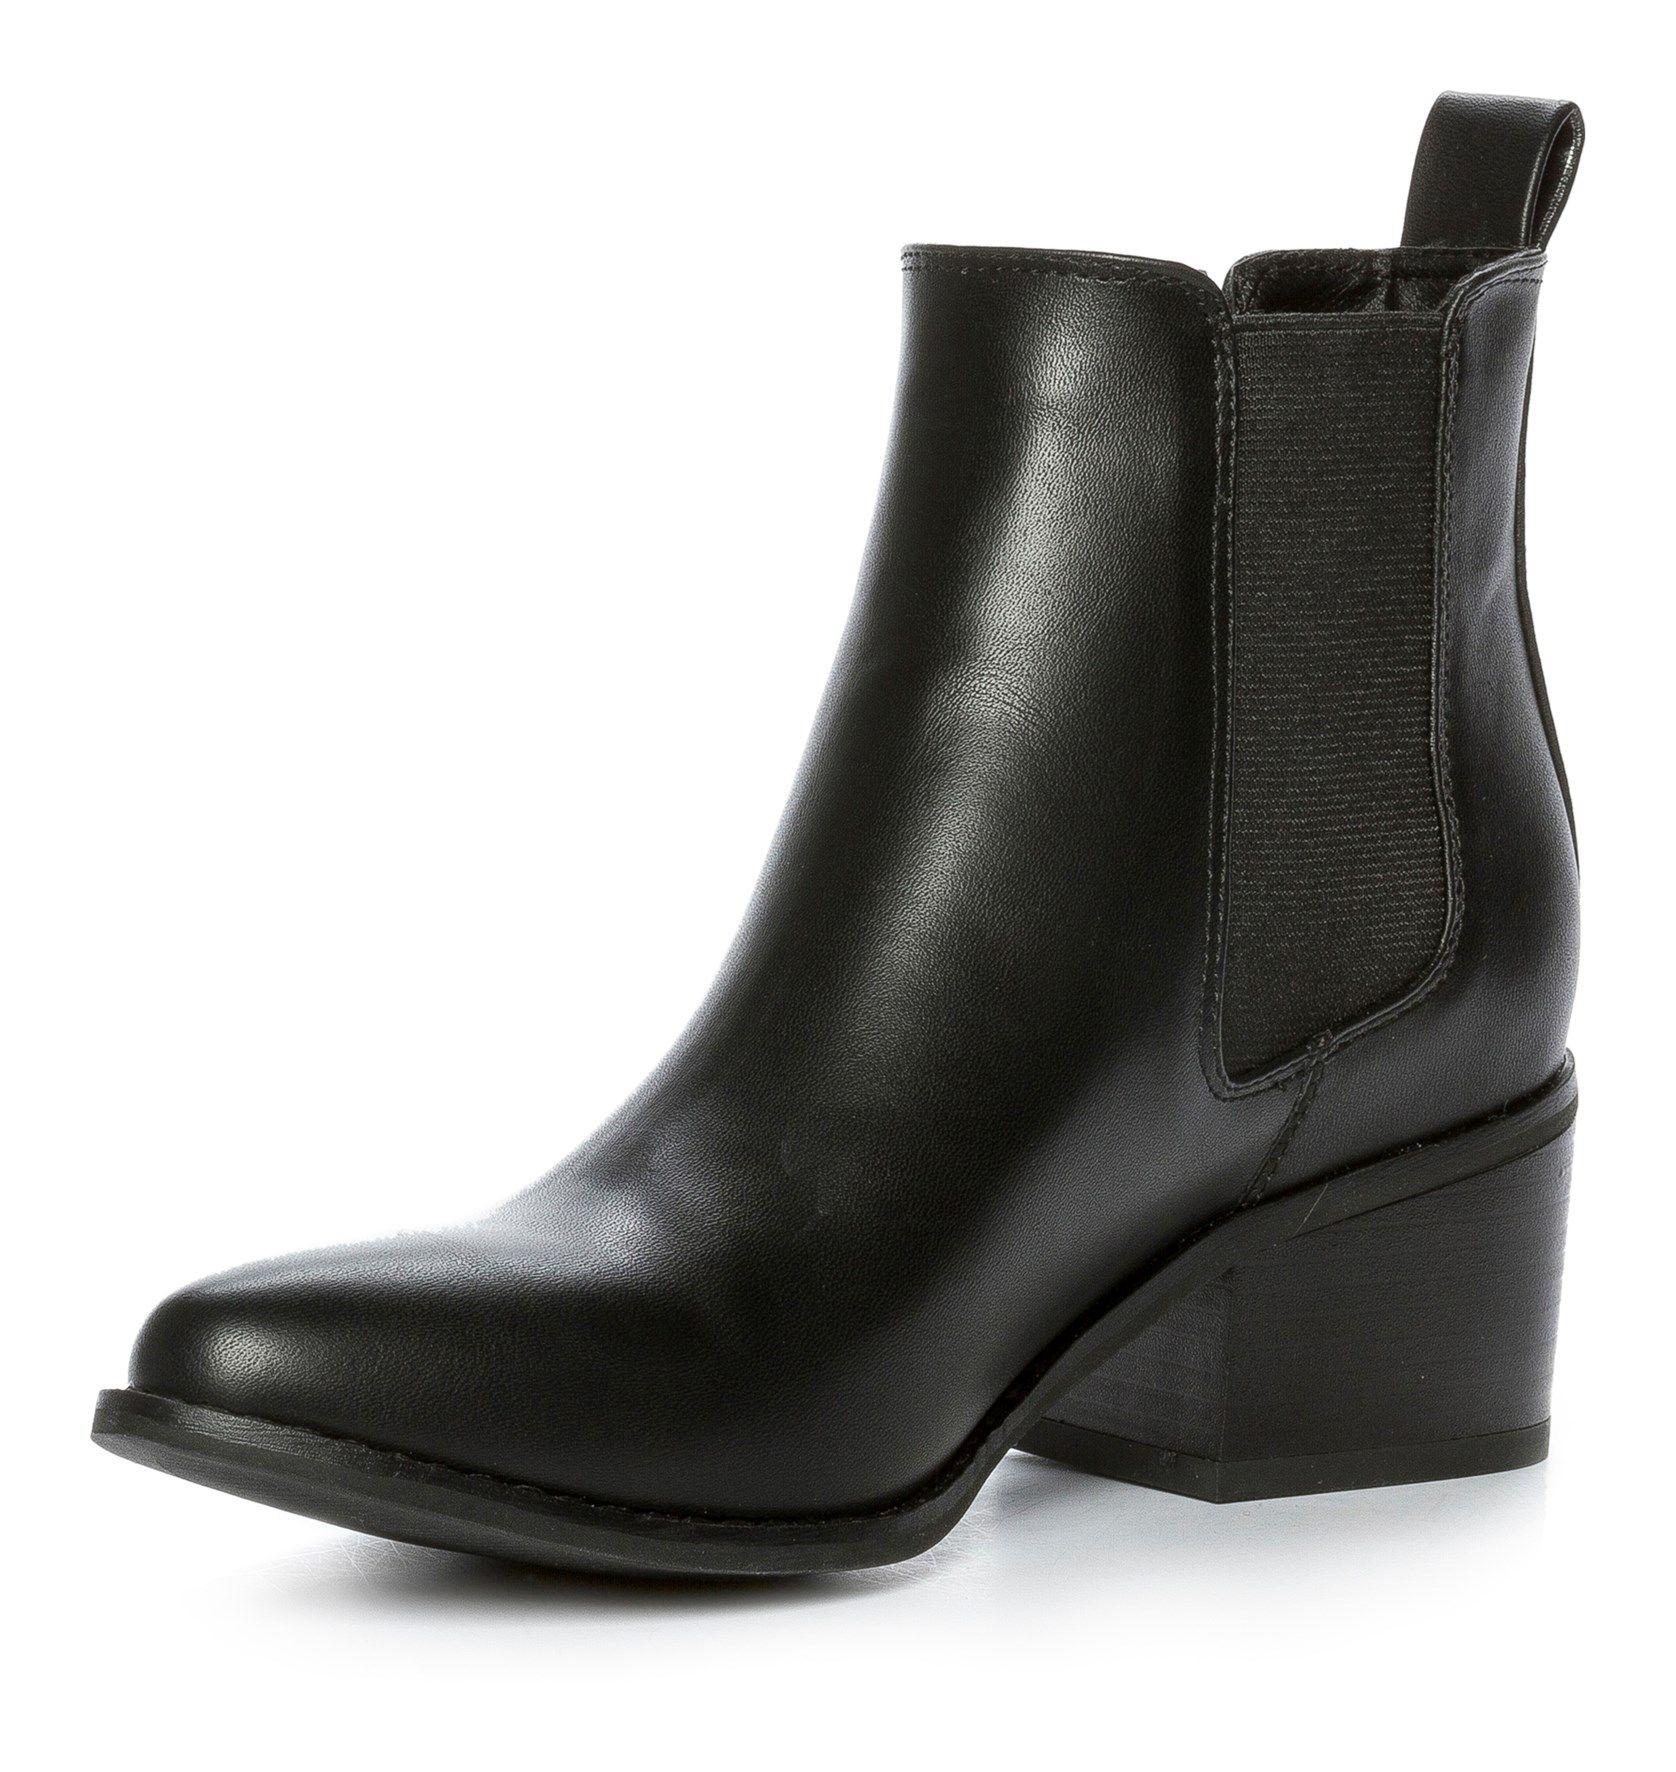 the latest 8649d f74df Dinsko 300432 Boots Svarta Pinterest feetfirst se Skor pp8AOwq